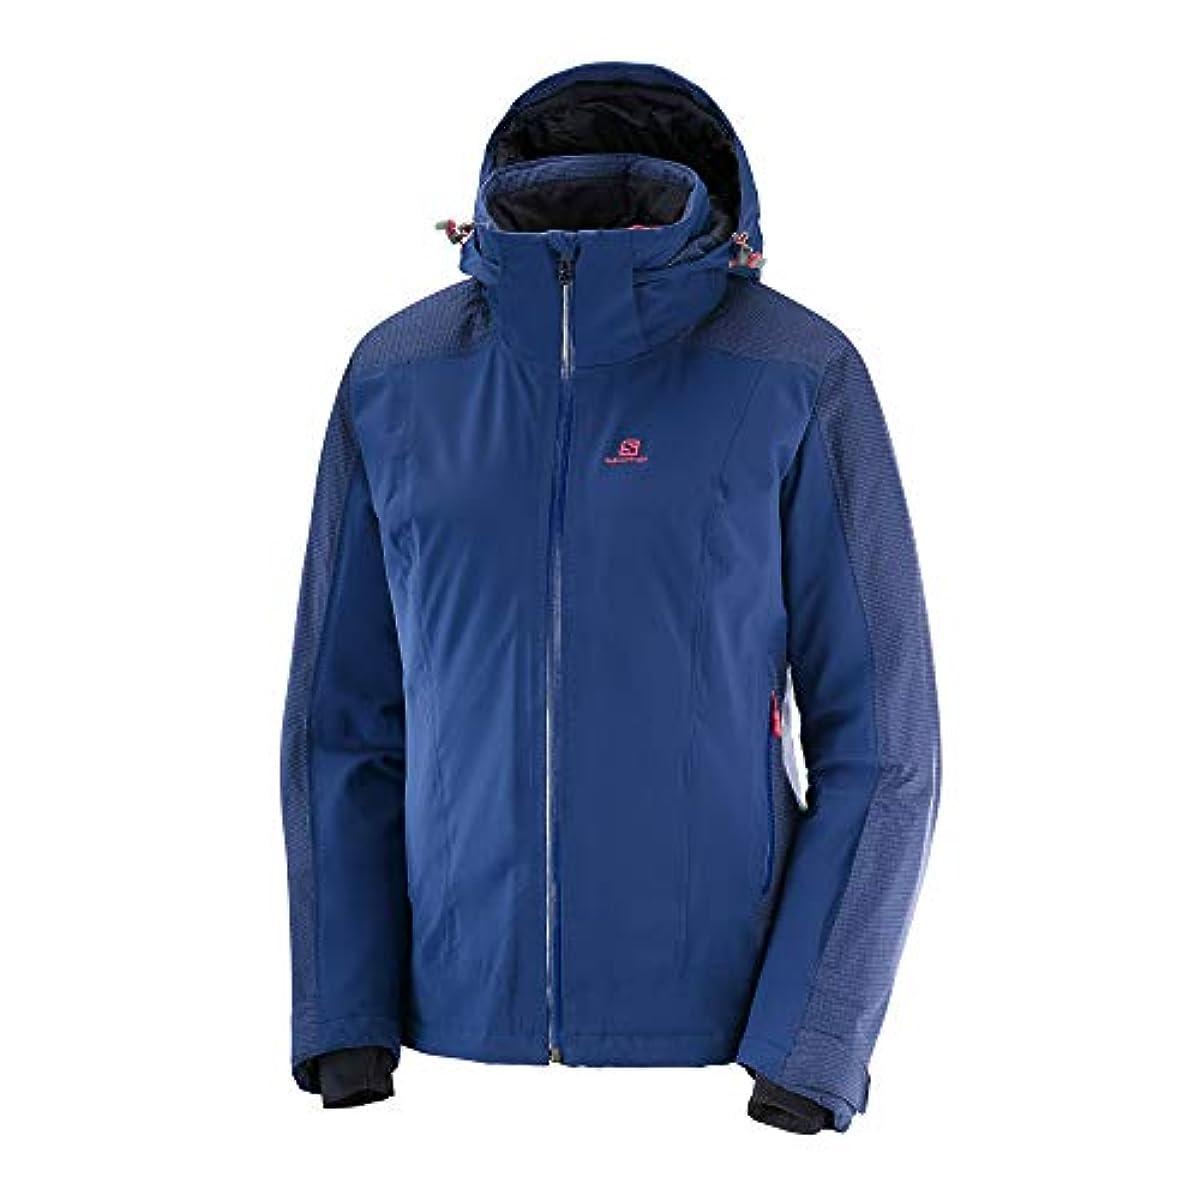 [해외] 살로몬SALOMON 스키 웨어 레이디스 재킷 BRILLIANT JACKET WOMEN 브릴리언트 재킷 레이디스 사이즈XS~M